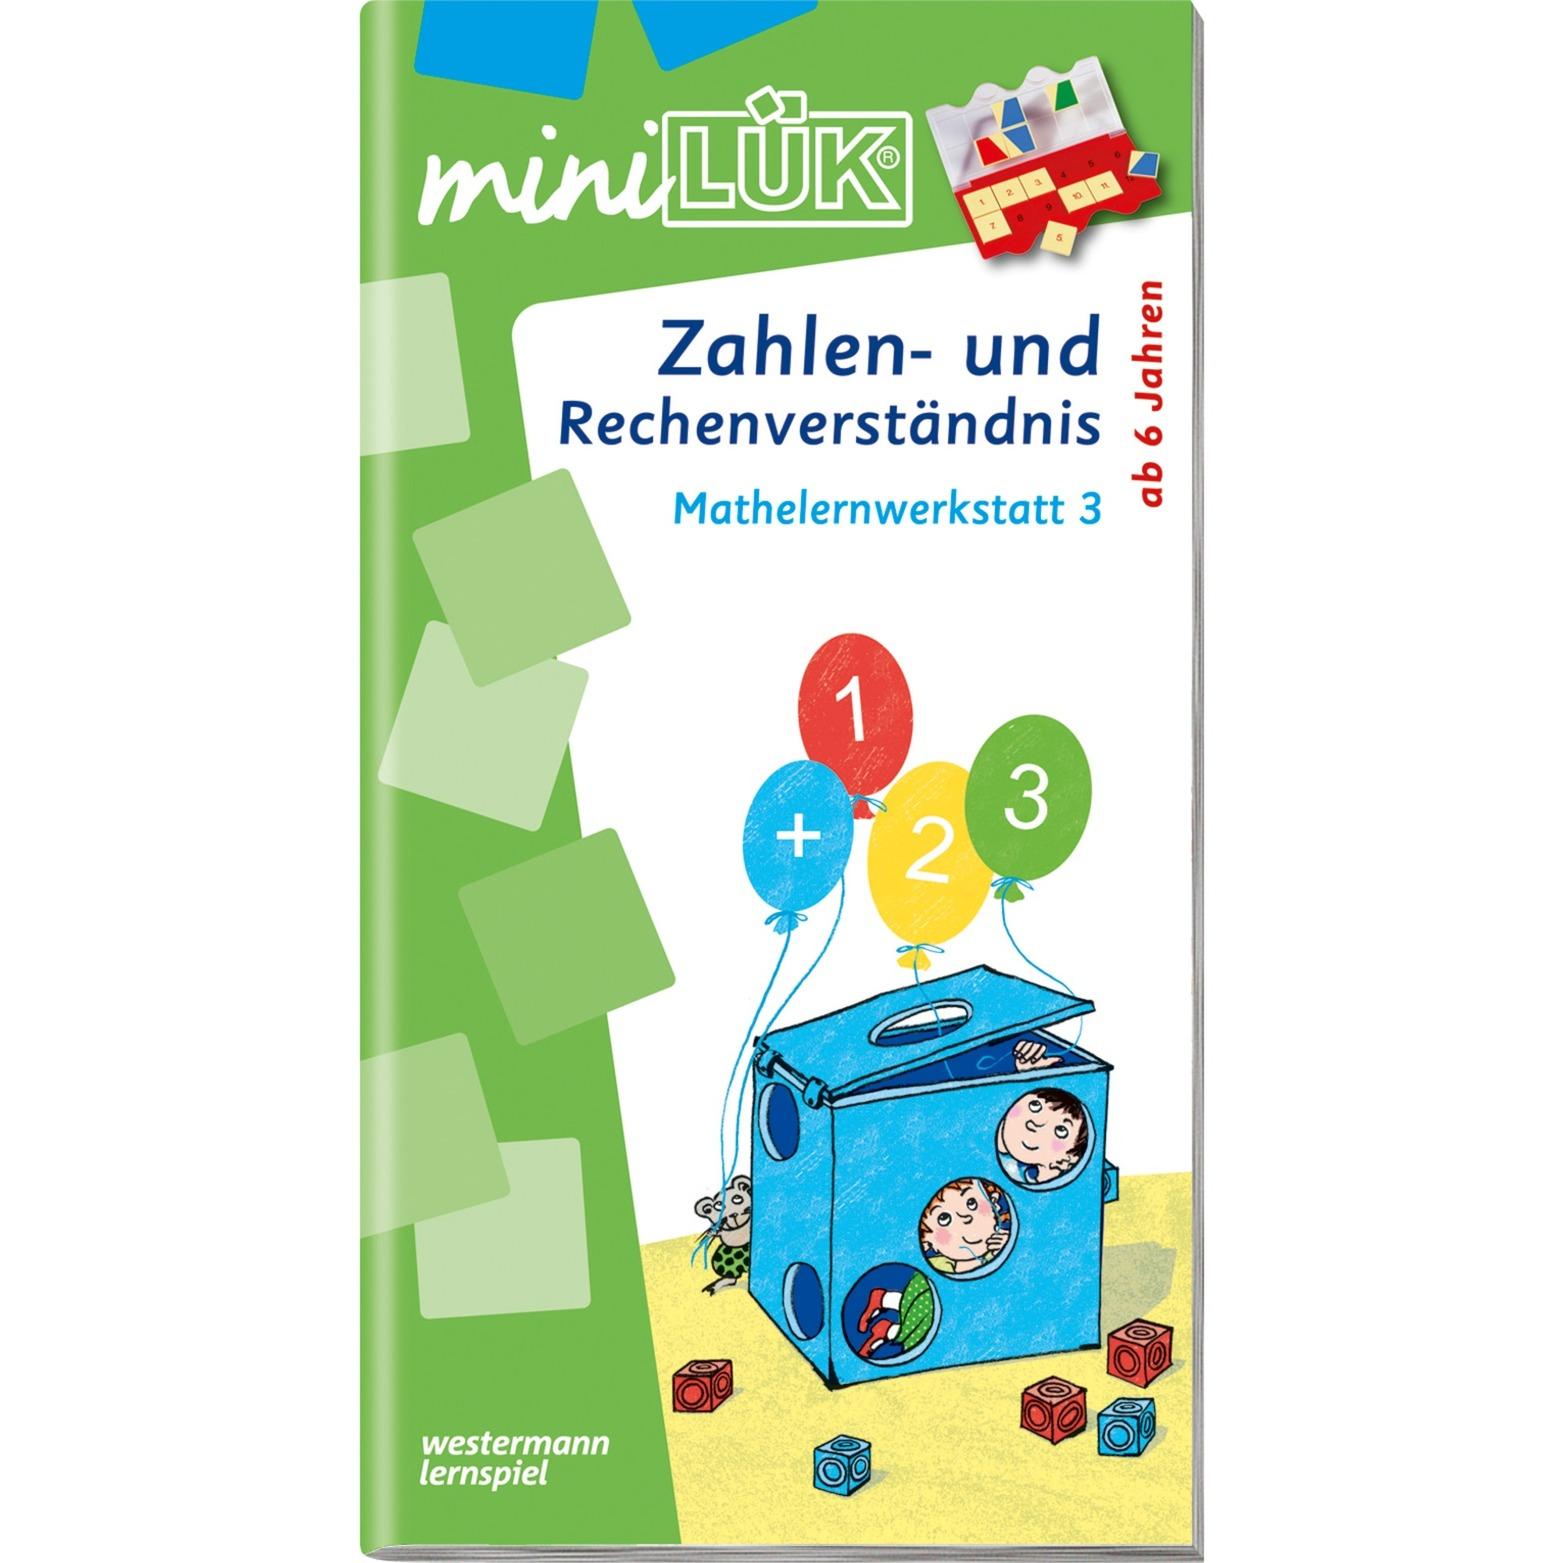 miniLÜK Zahlen- und Rechenverständnis Mathelernwerkstatt 3 livre pour enfants, Manuel